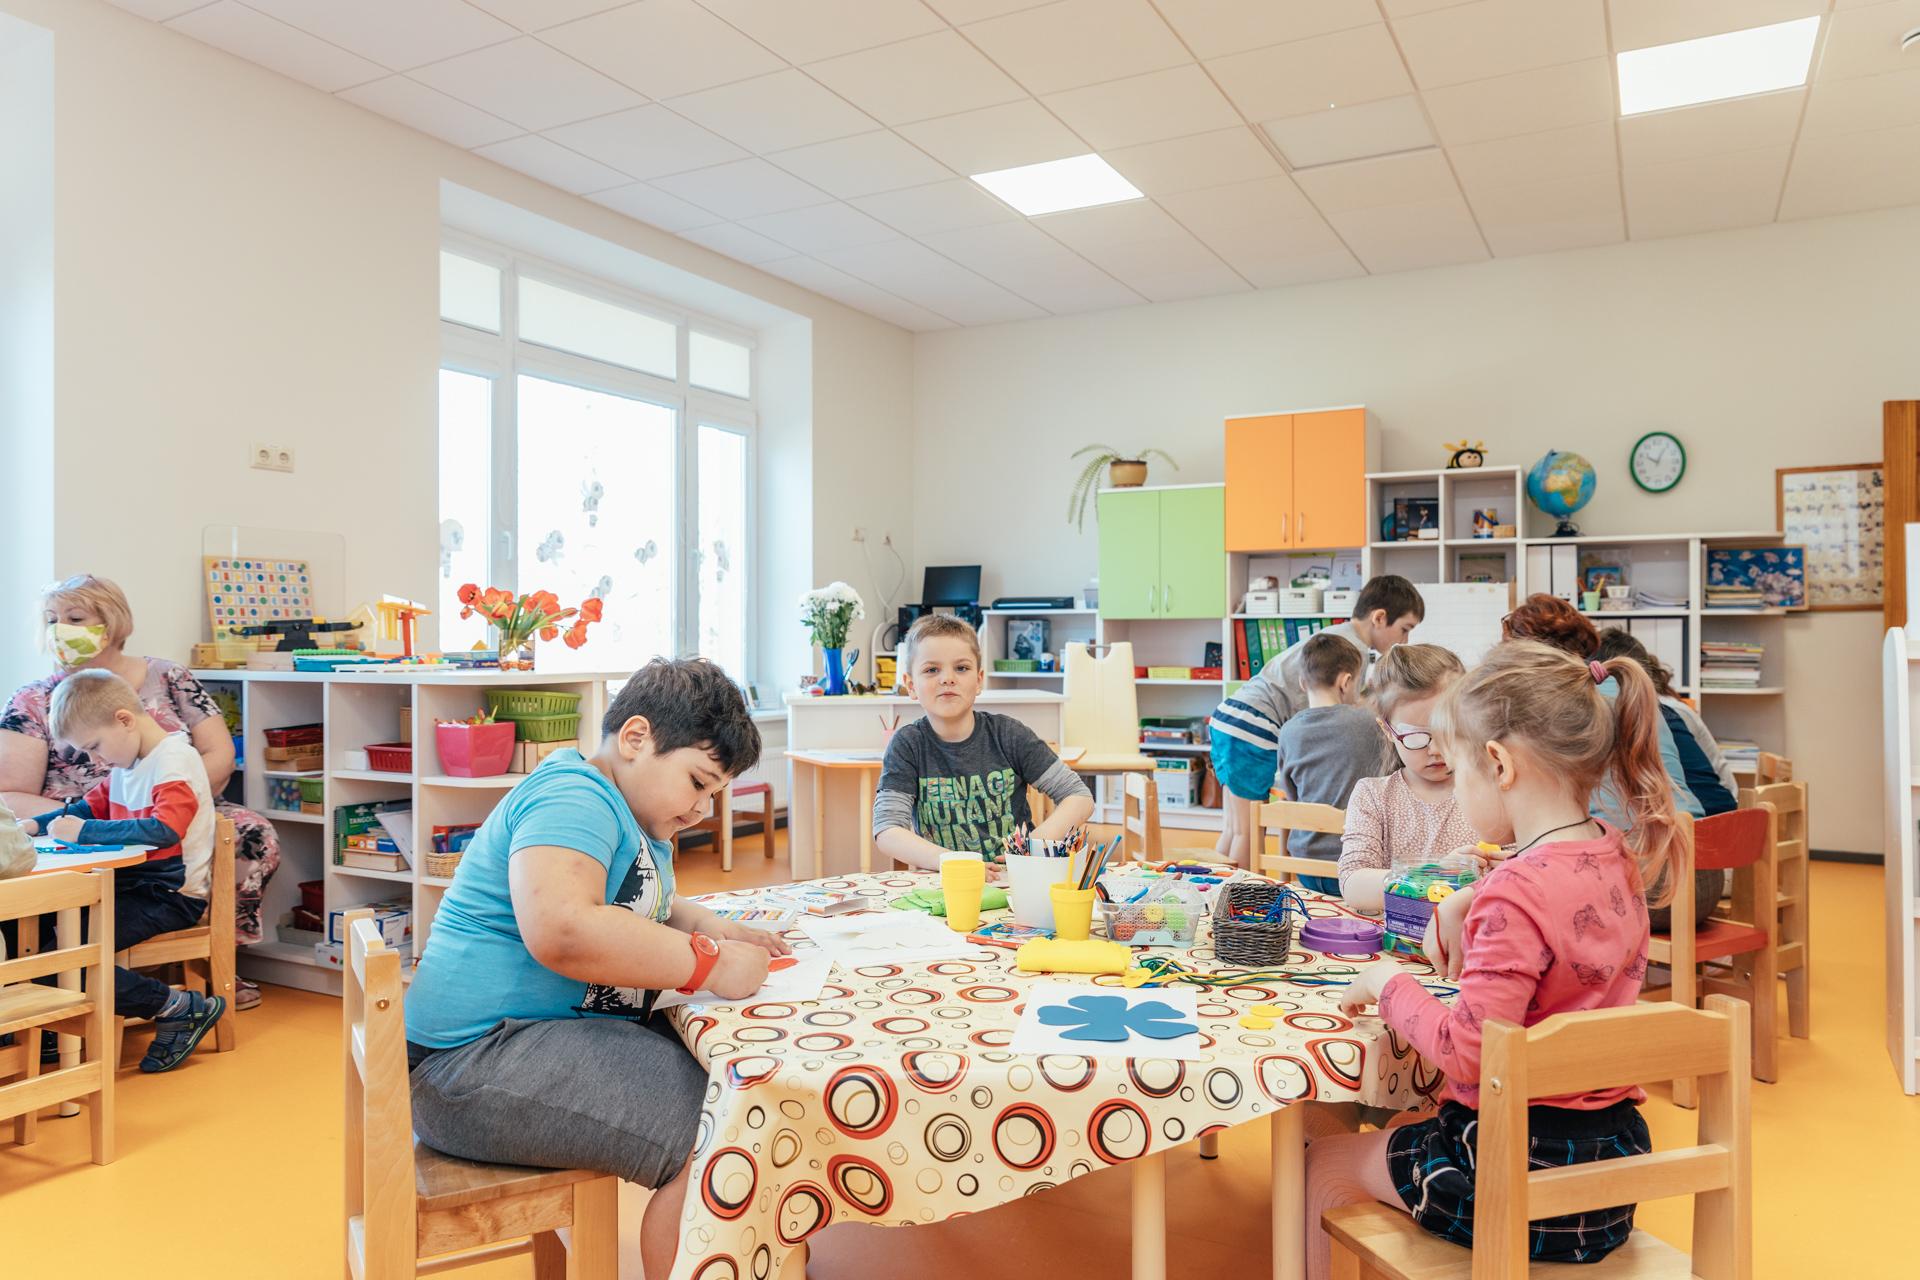 Bērnu vecāku ierosinājumi palīdz pilnveidot izglītības vidi